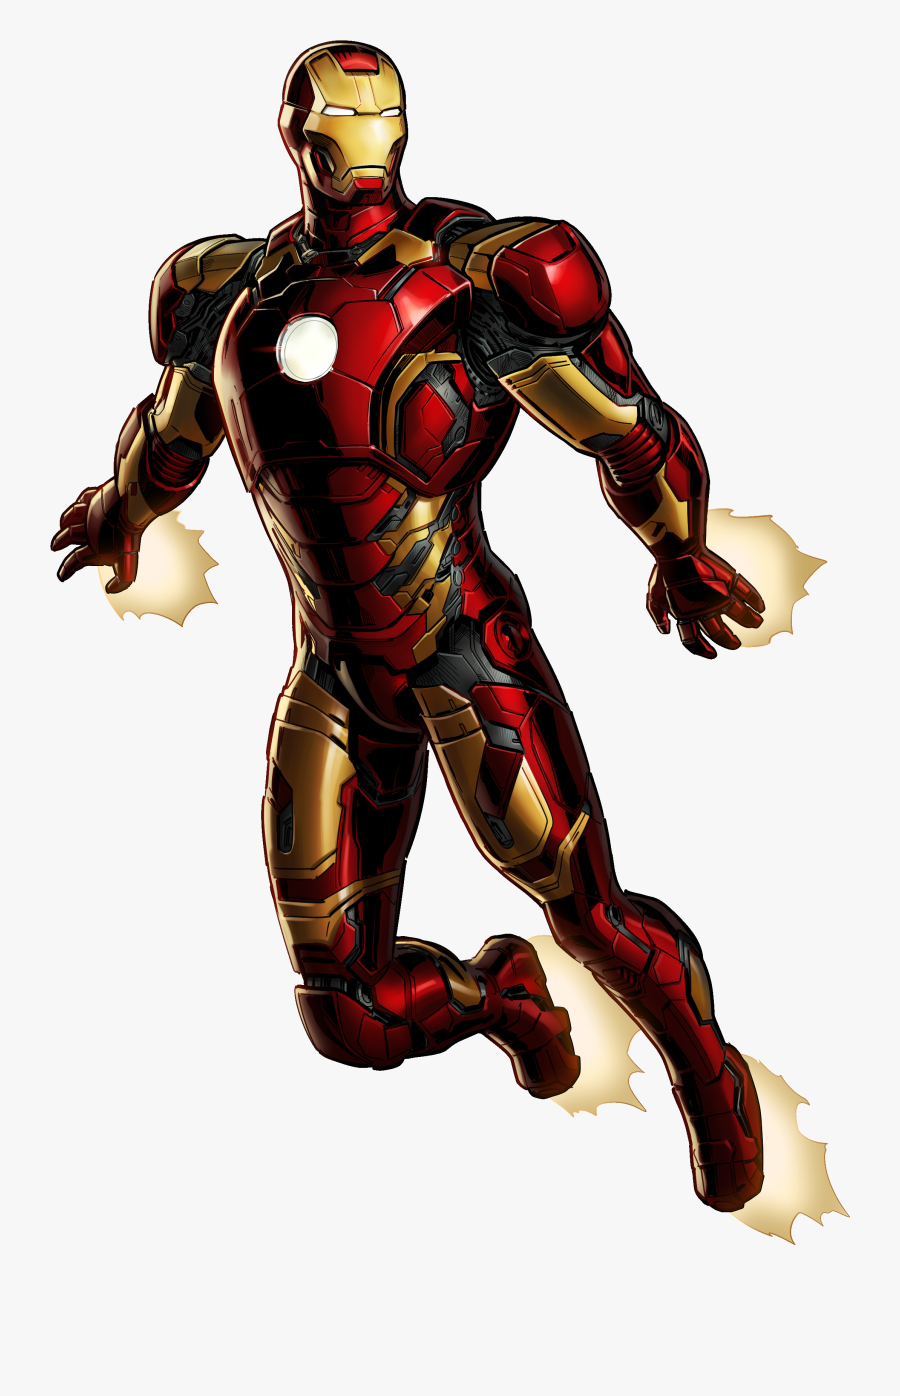 Iron Man Clipart Ironman Png Transparent Png , Png - Transparent Iron Man Png, Transparent Clipart